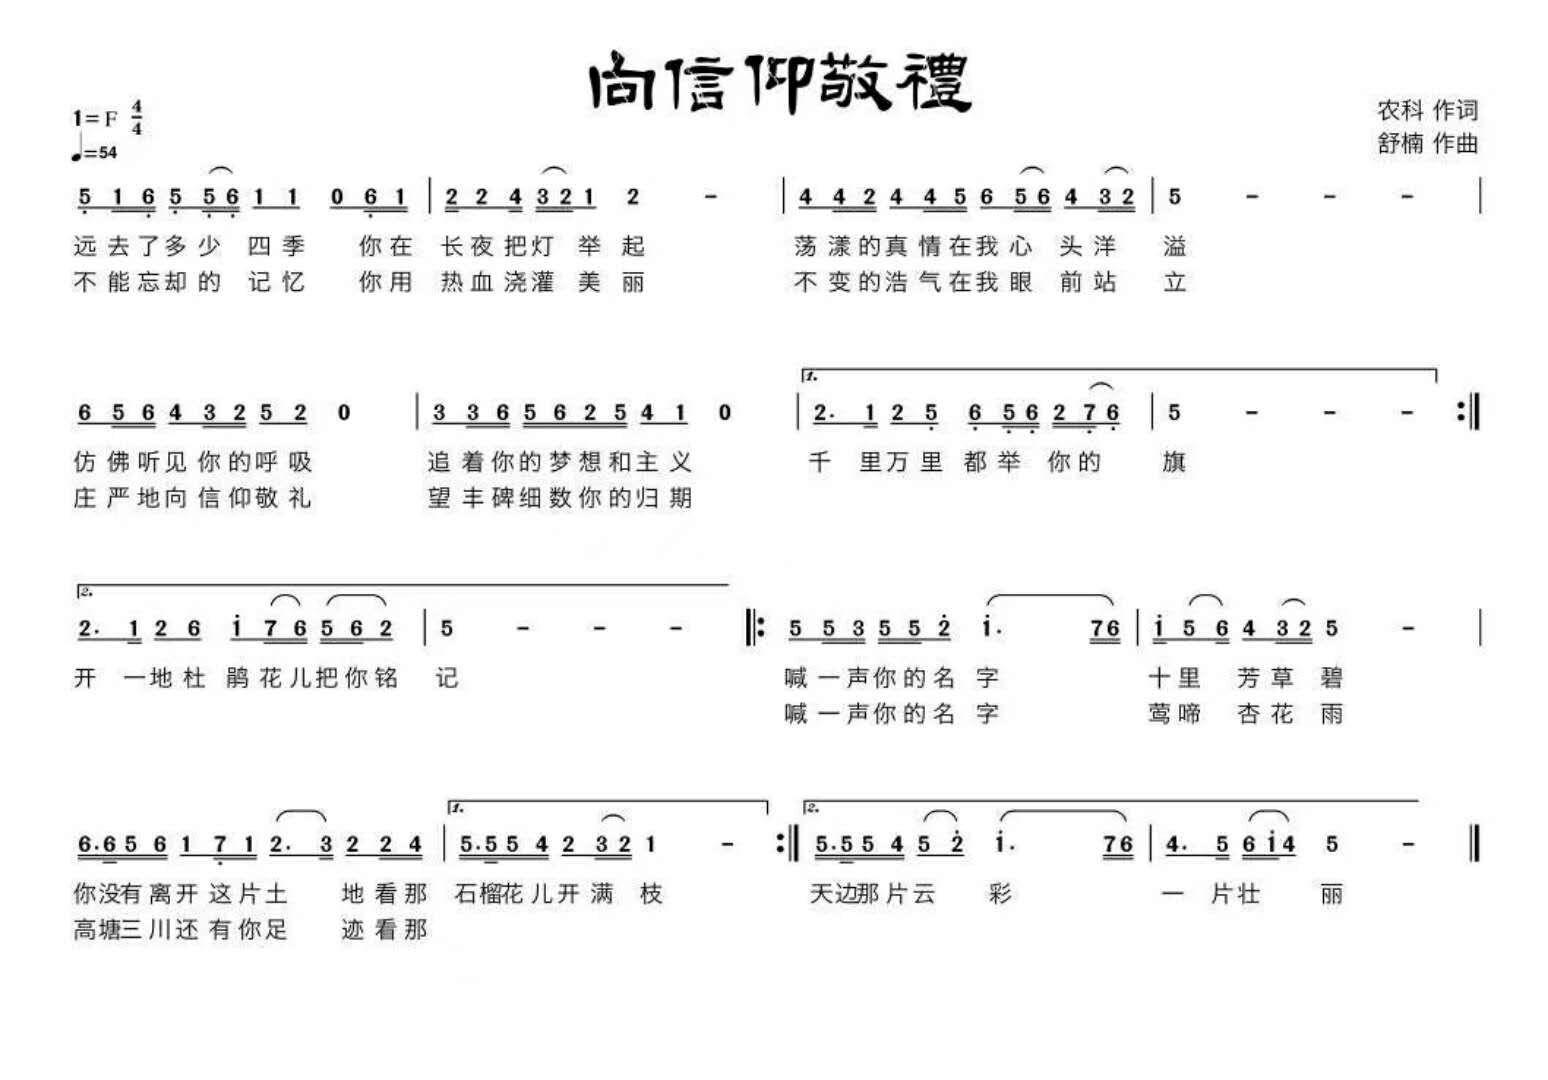 阎维文唱响纪念渭华起义90周年歌曲《向信仰敬礼》